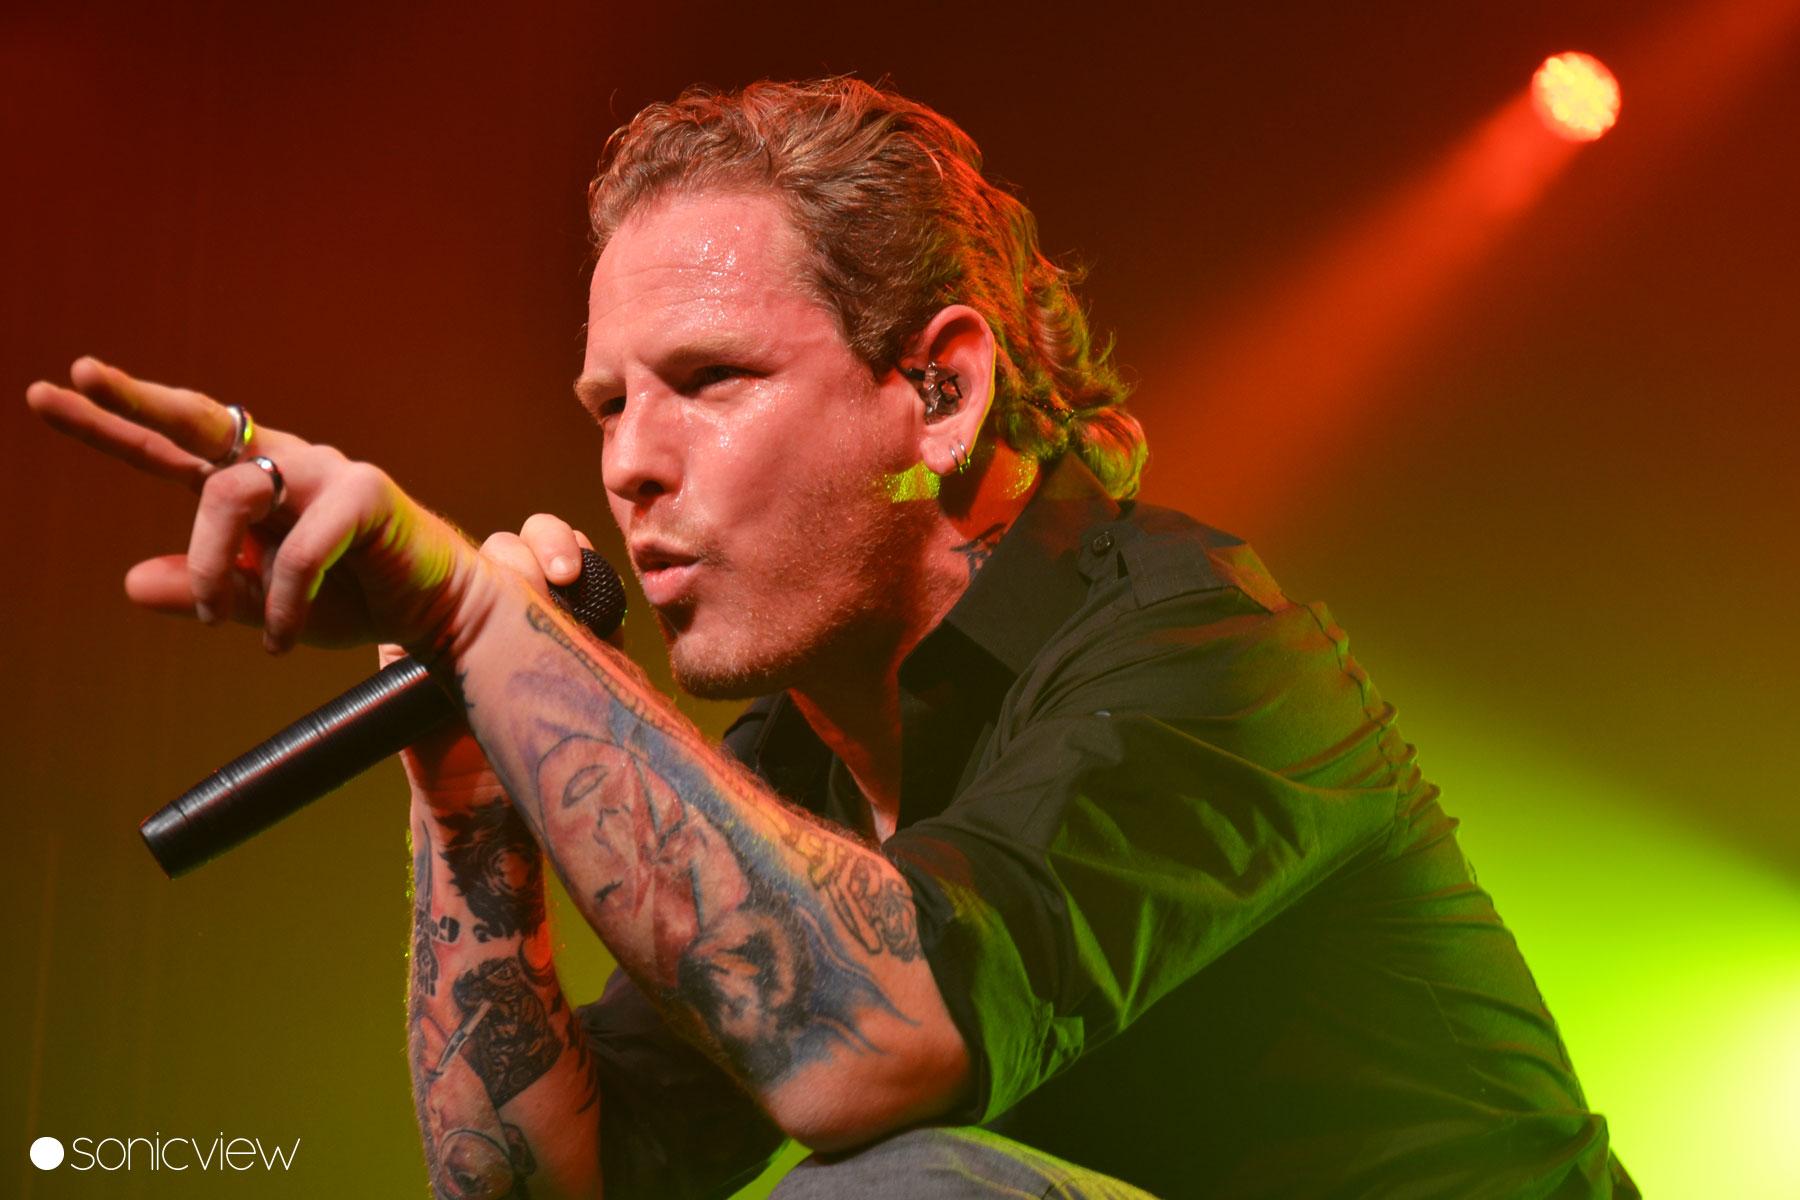 Stone Sour: Live at Vega 2012, Copenhagen, Denmark